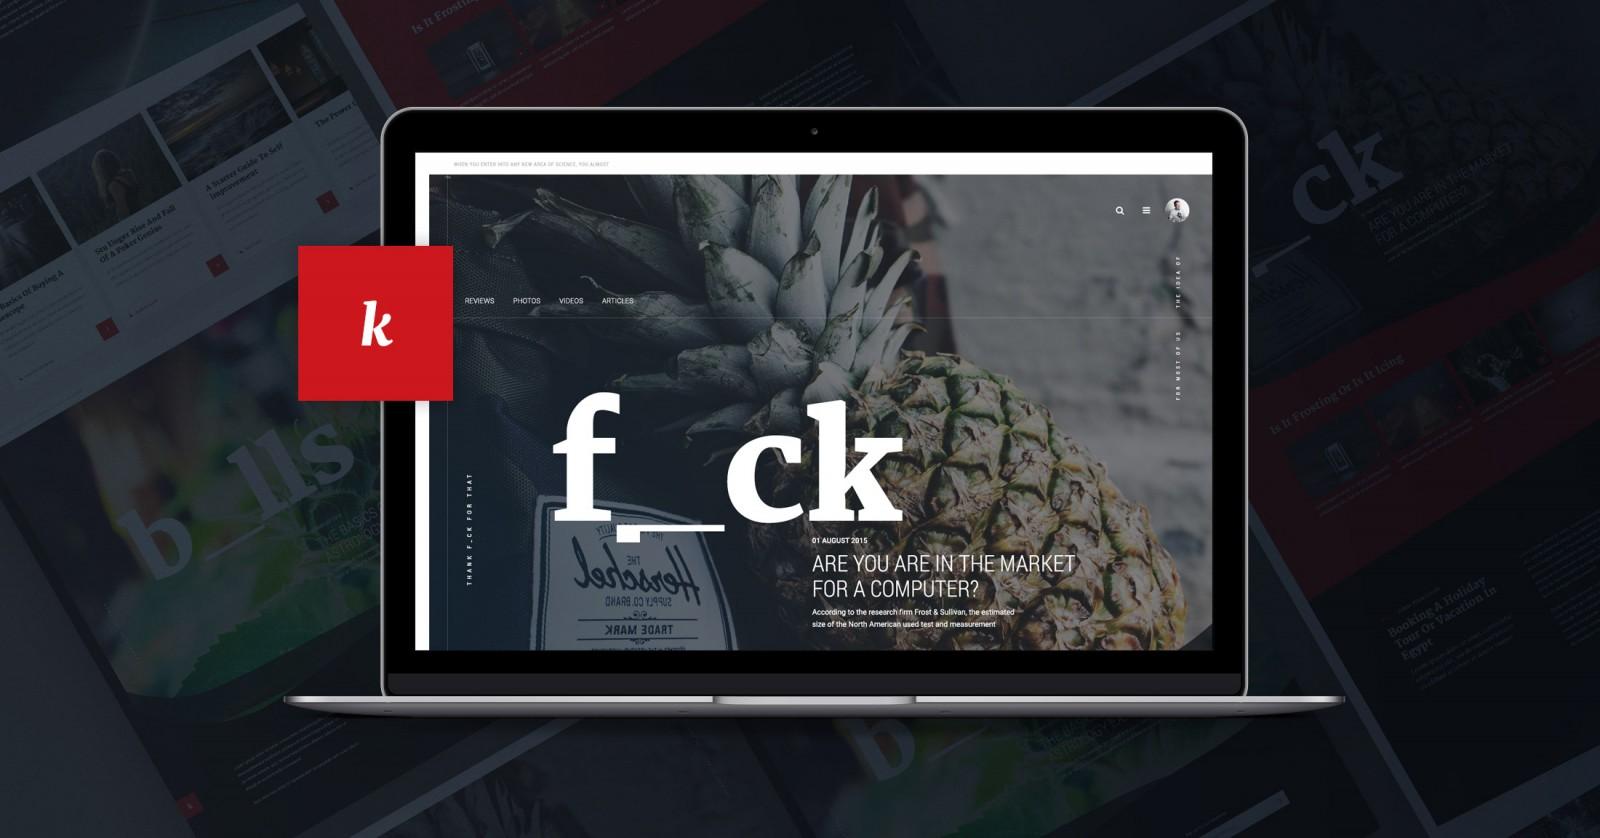 Magazine-layout-website-template-header-1600x838